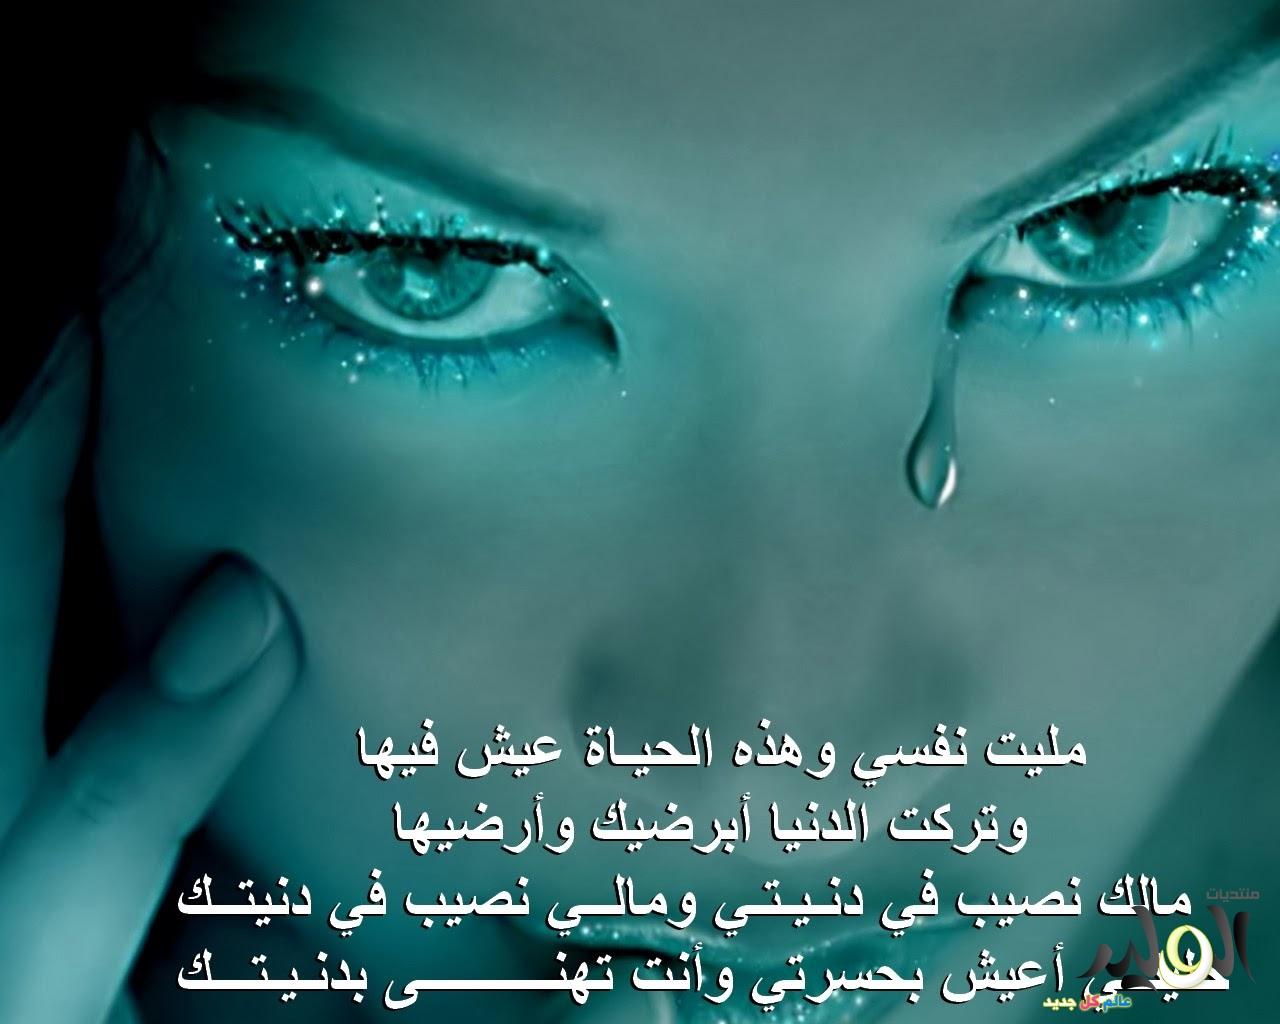 بالصور صور عتاب الحبيب , كلام عتاب الاحباب 4263 6